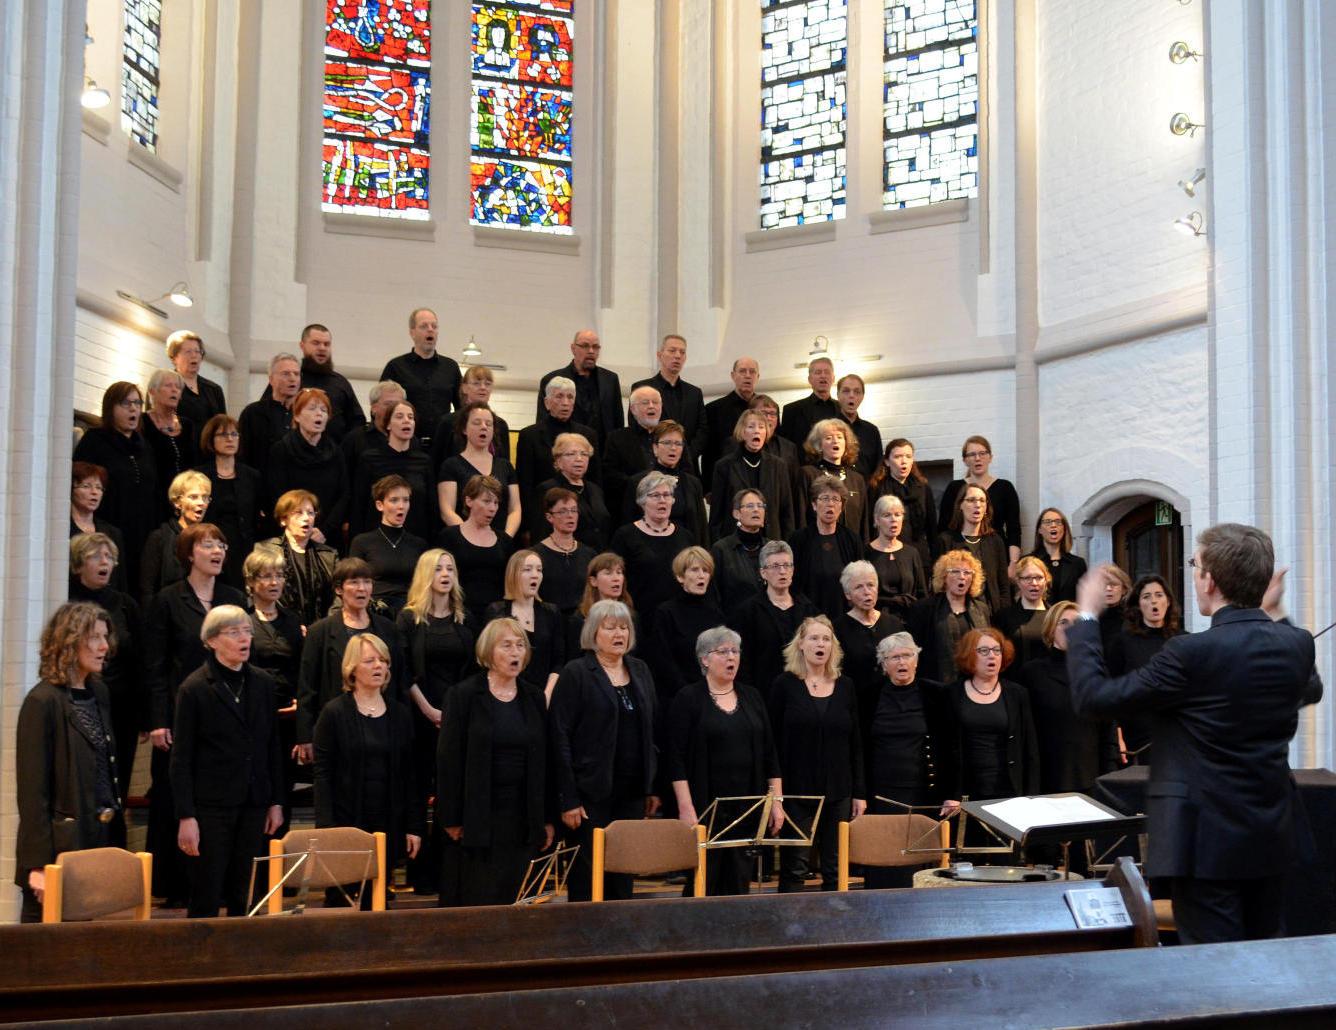 der Chor an der Erlöserkirche